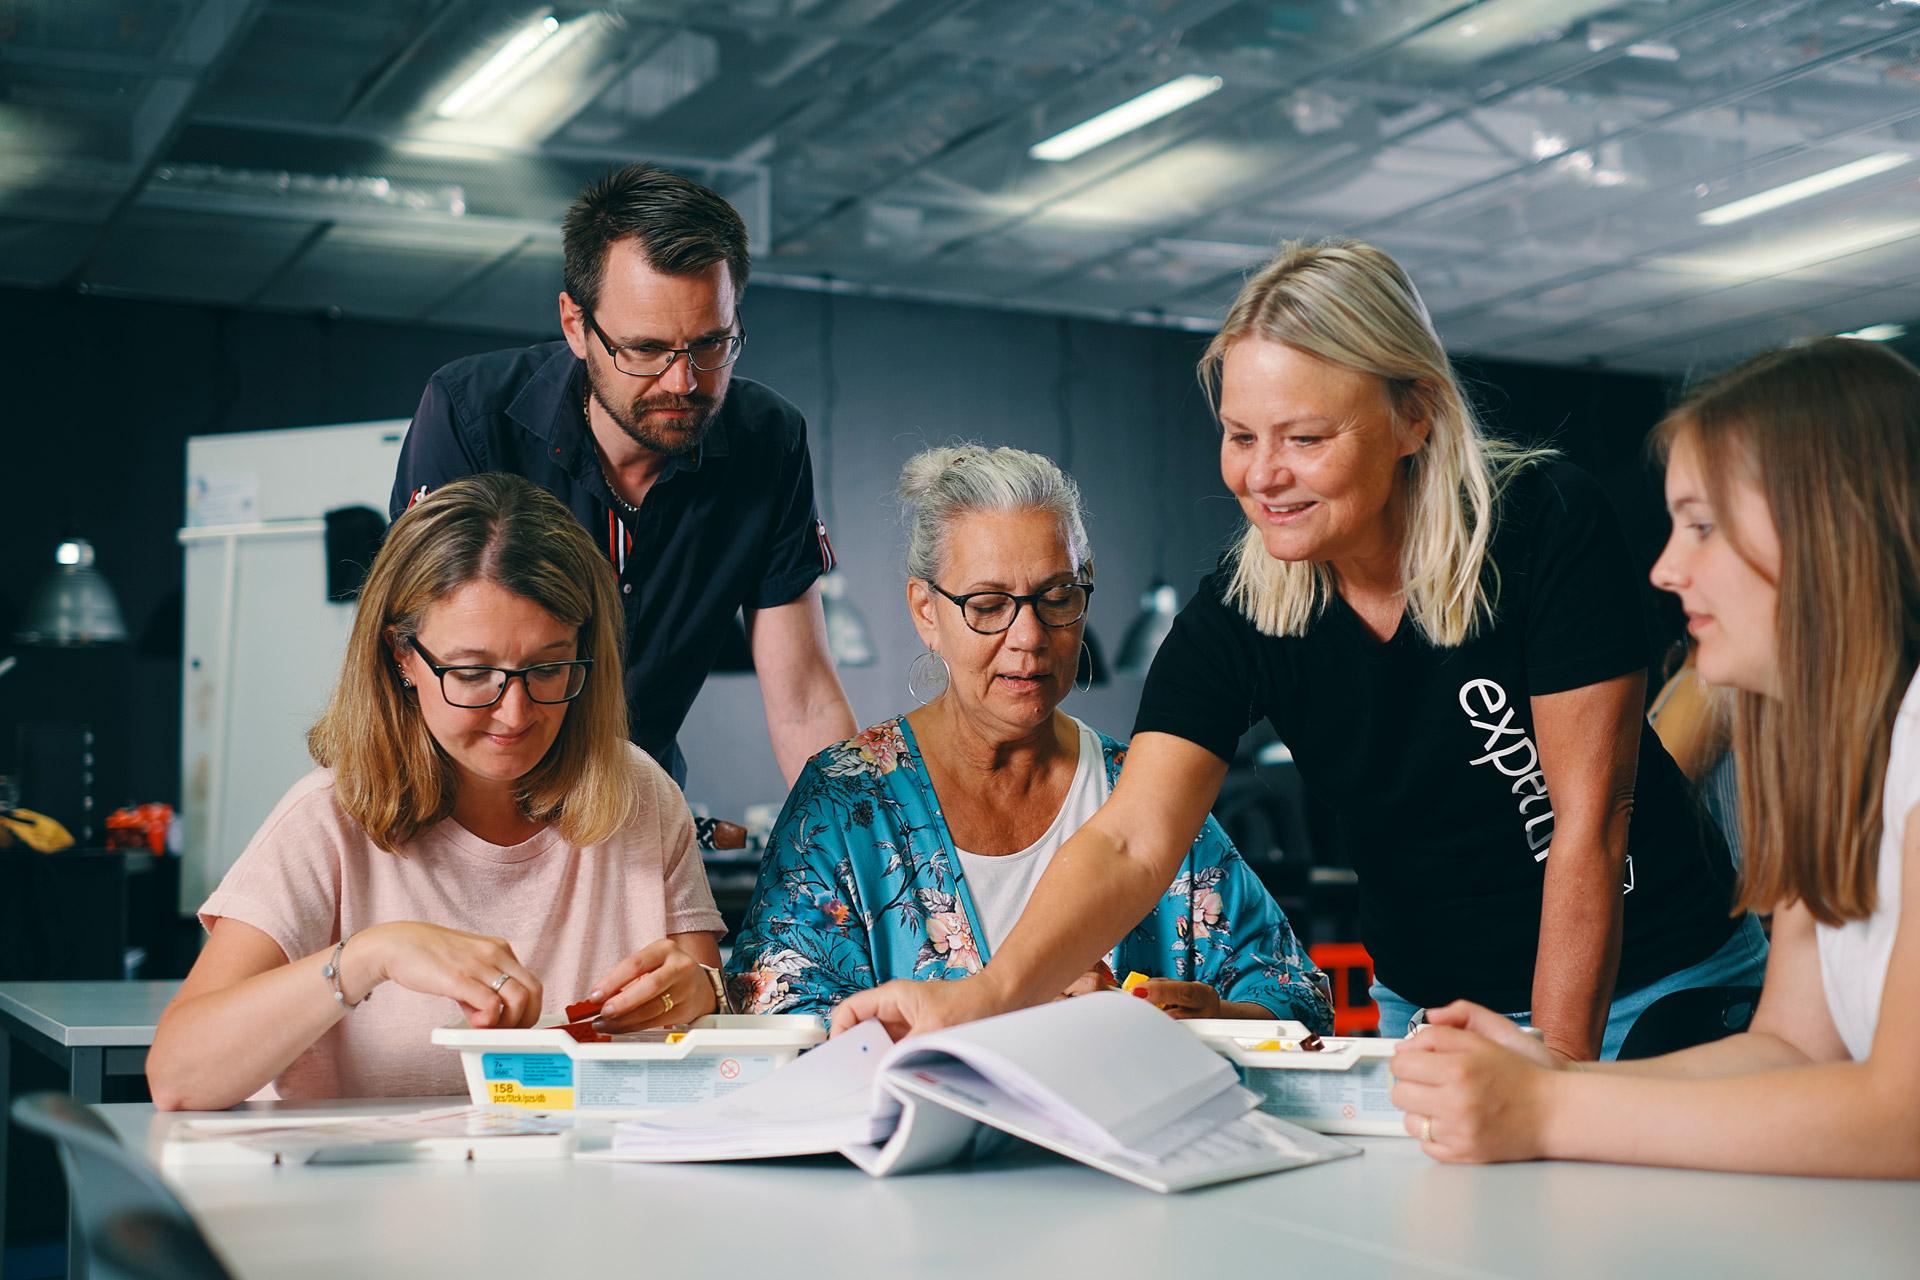 Handledarledd grupp lärare hos expectrum i Västerås. Fotograf: Af Adam